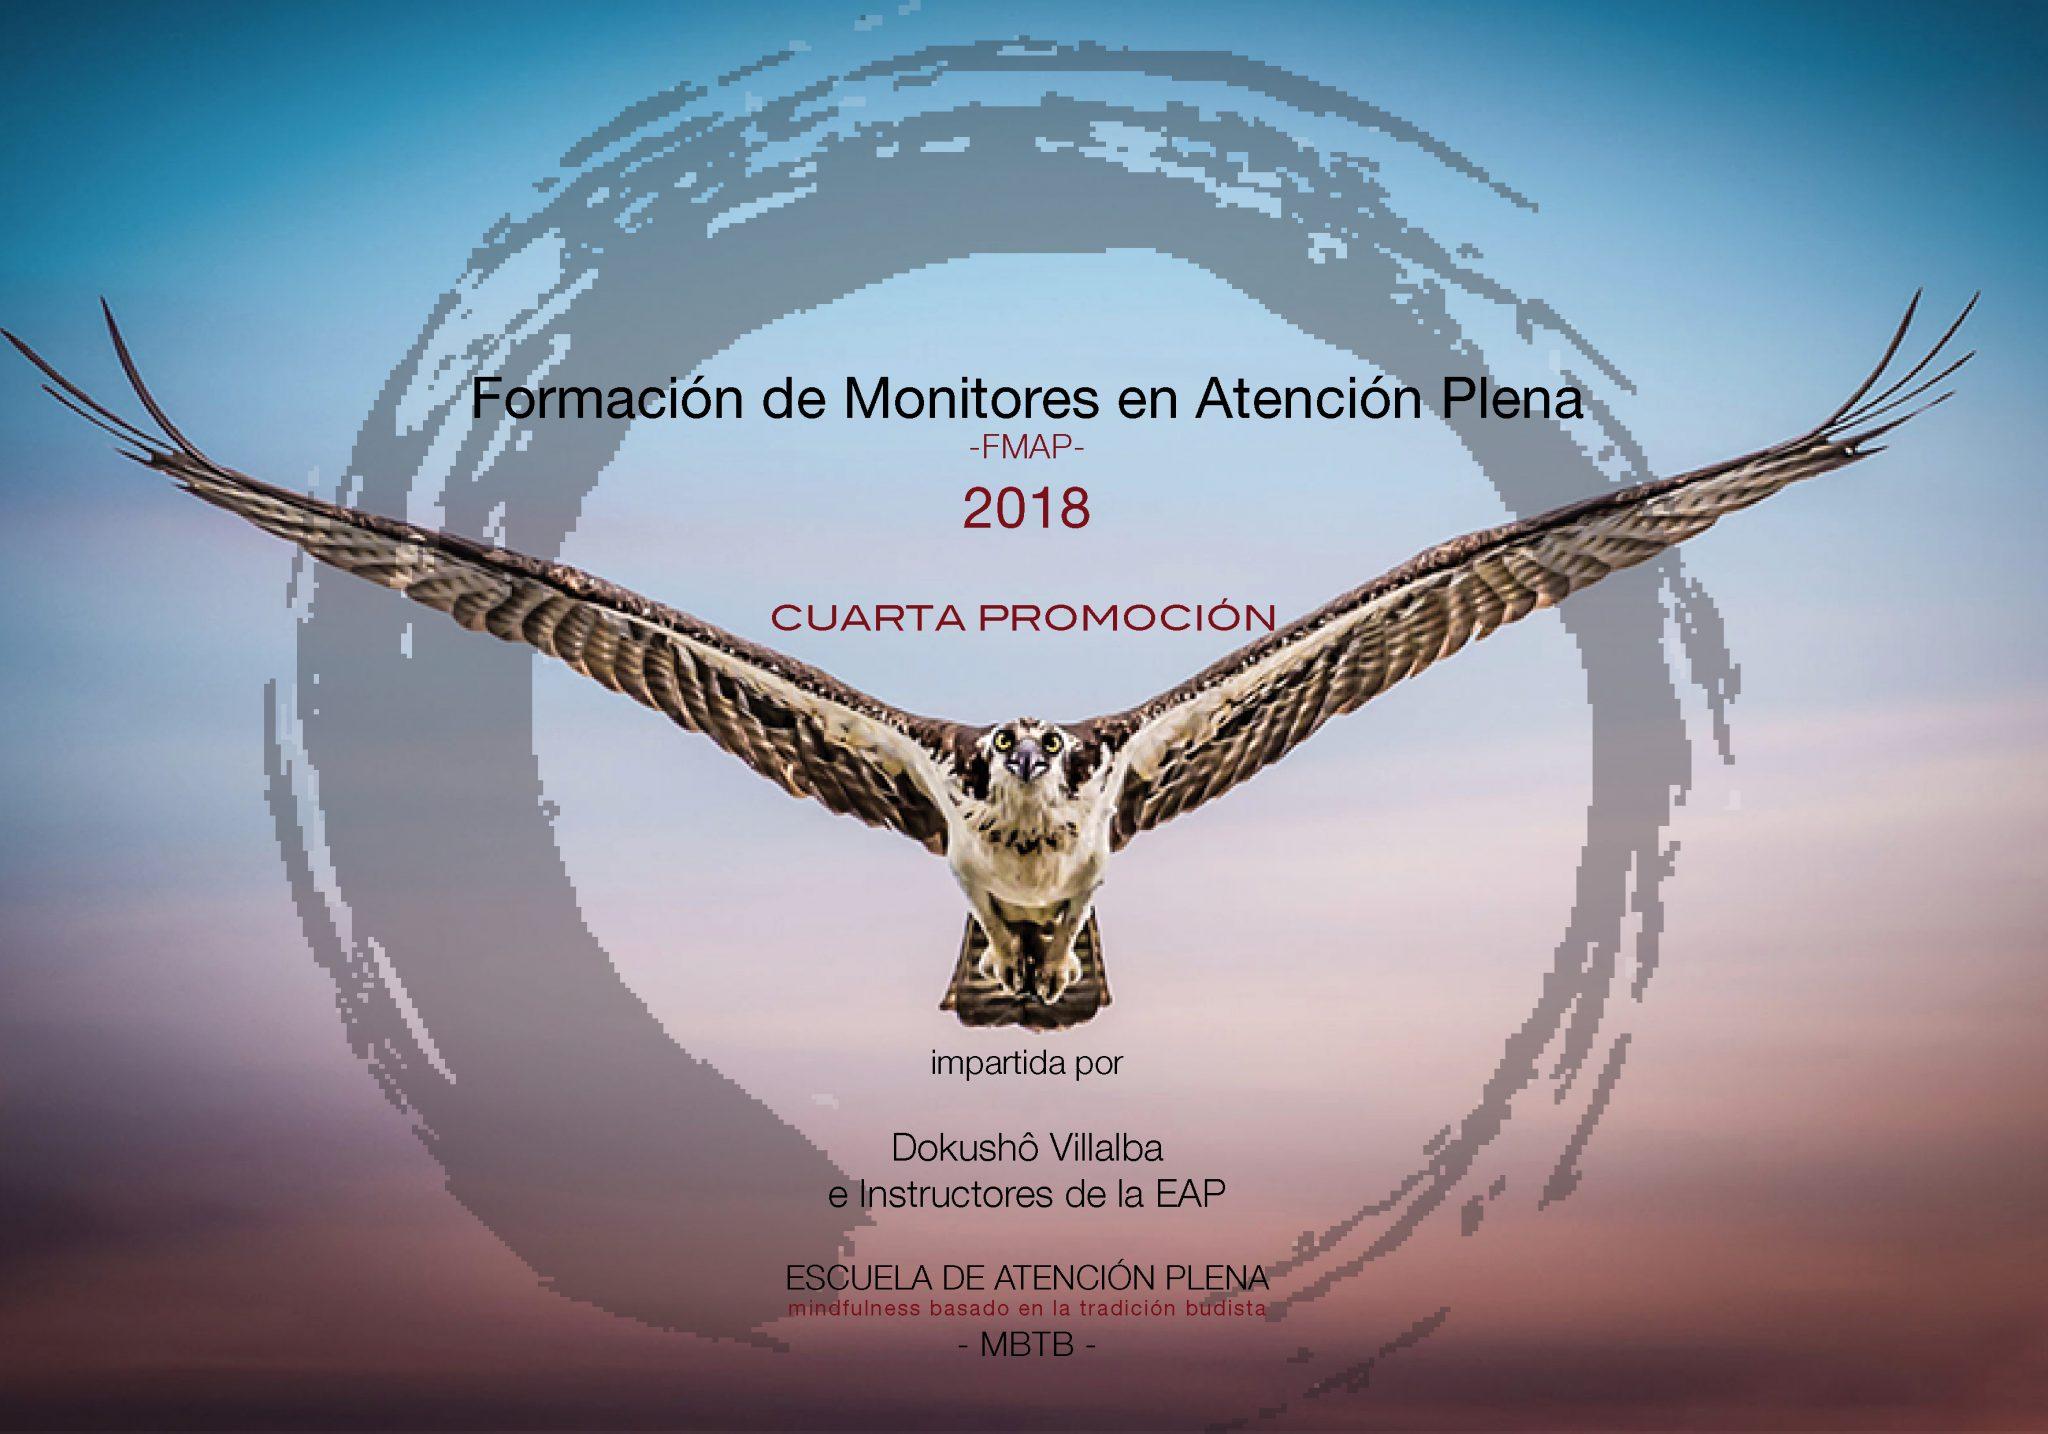 Formación de Monitores de Atención Plena 2018